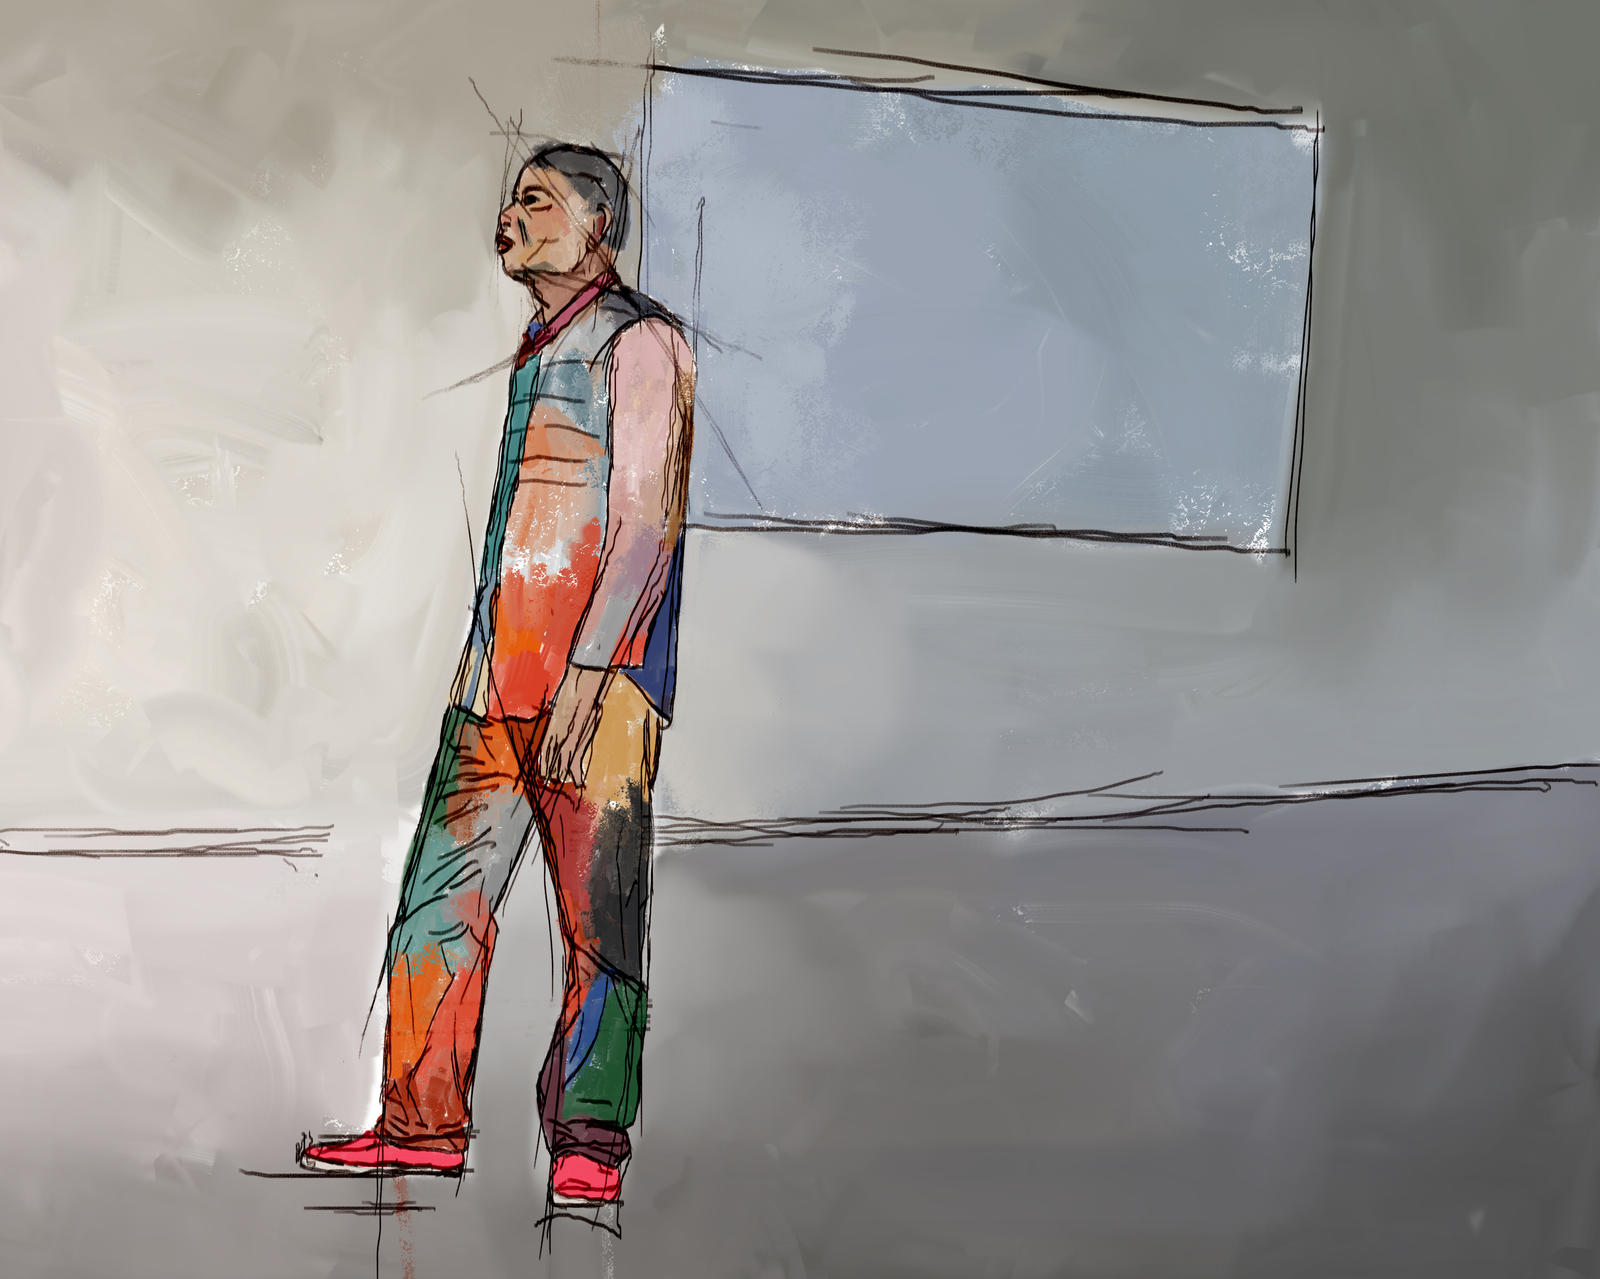 Digital sketch by Les-Allsopp